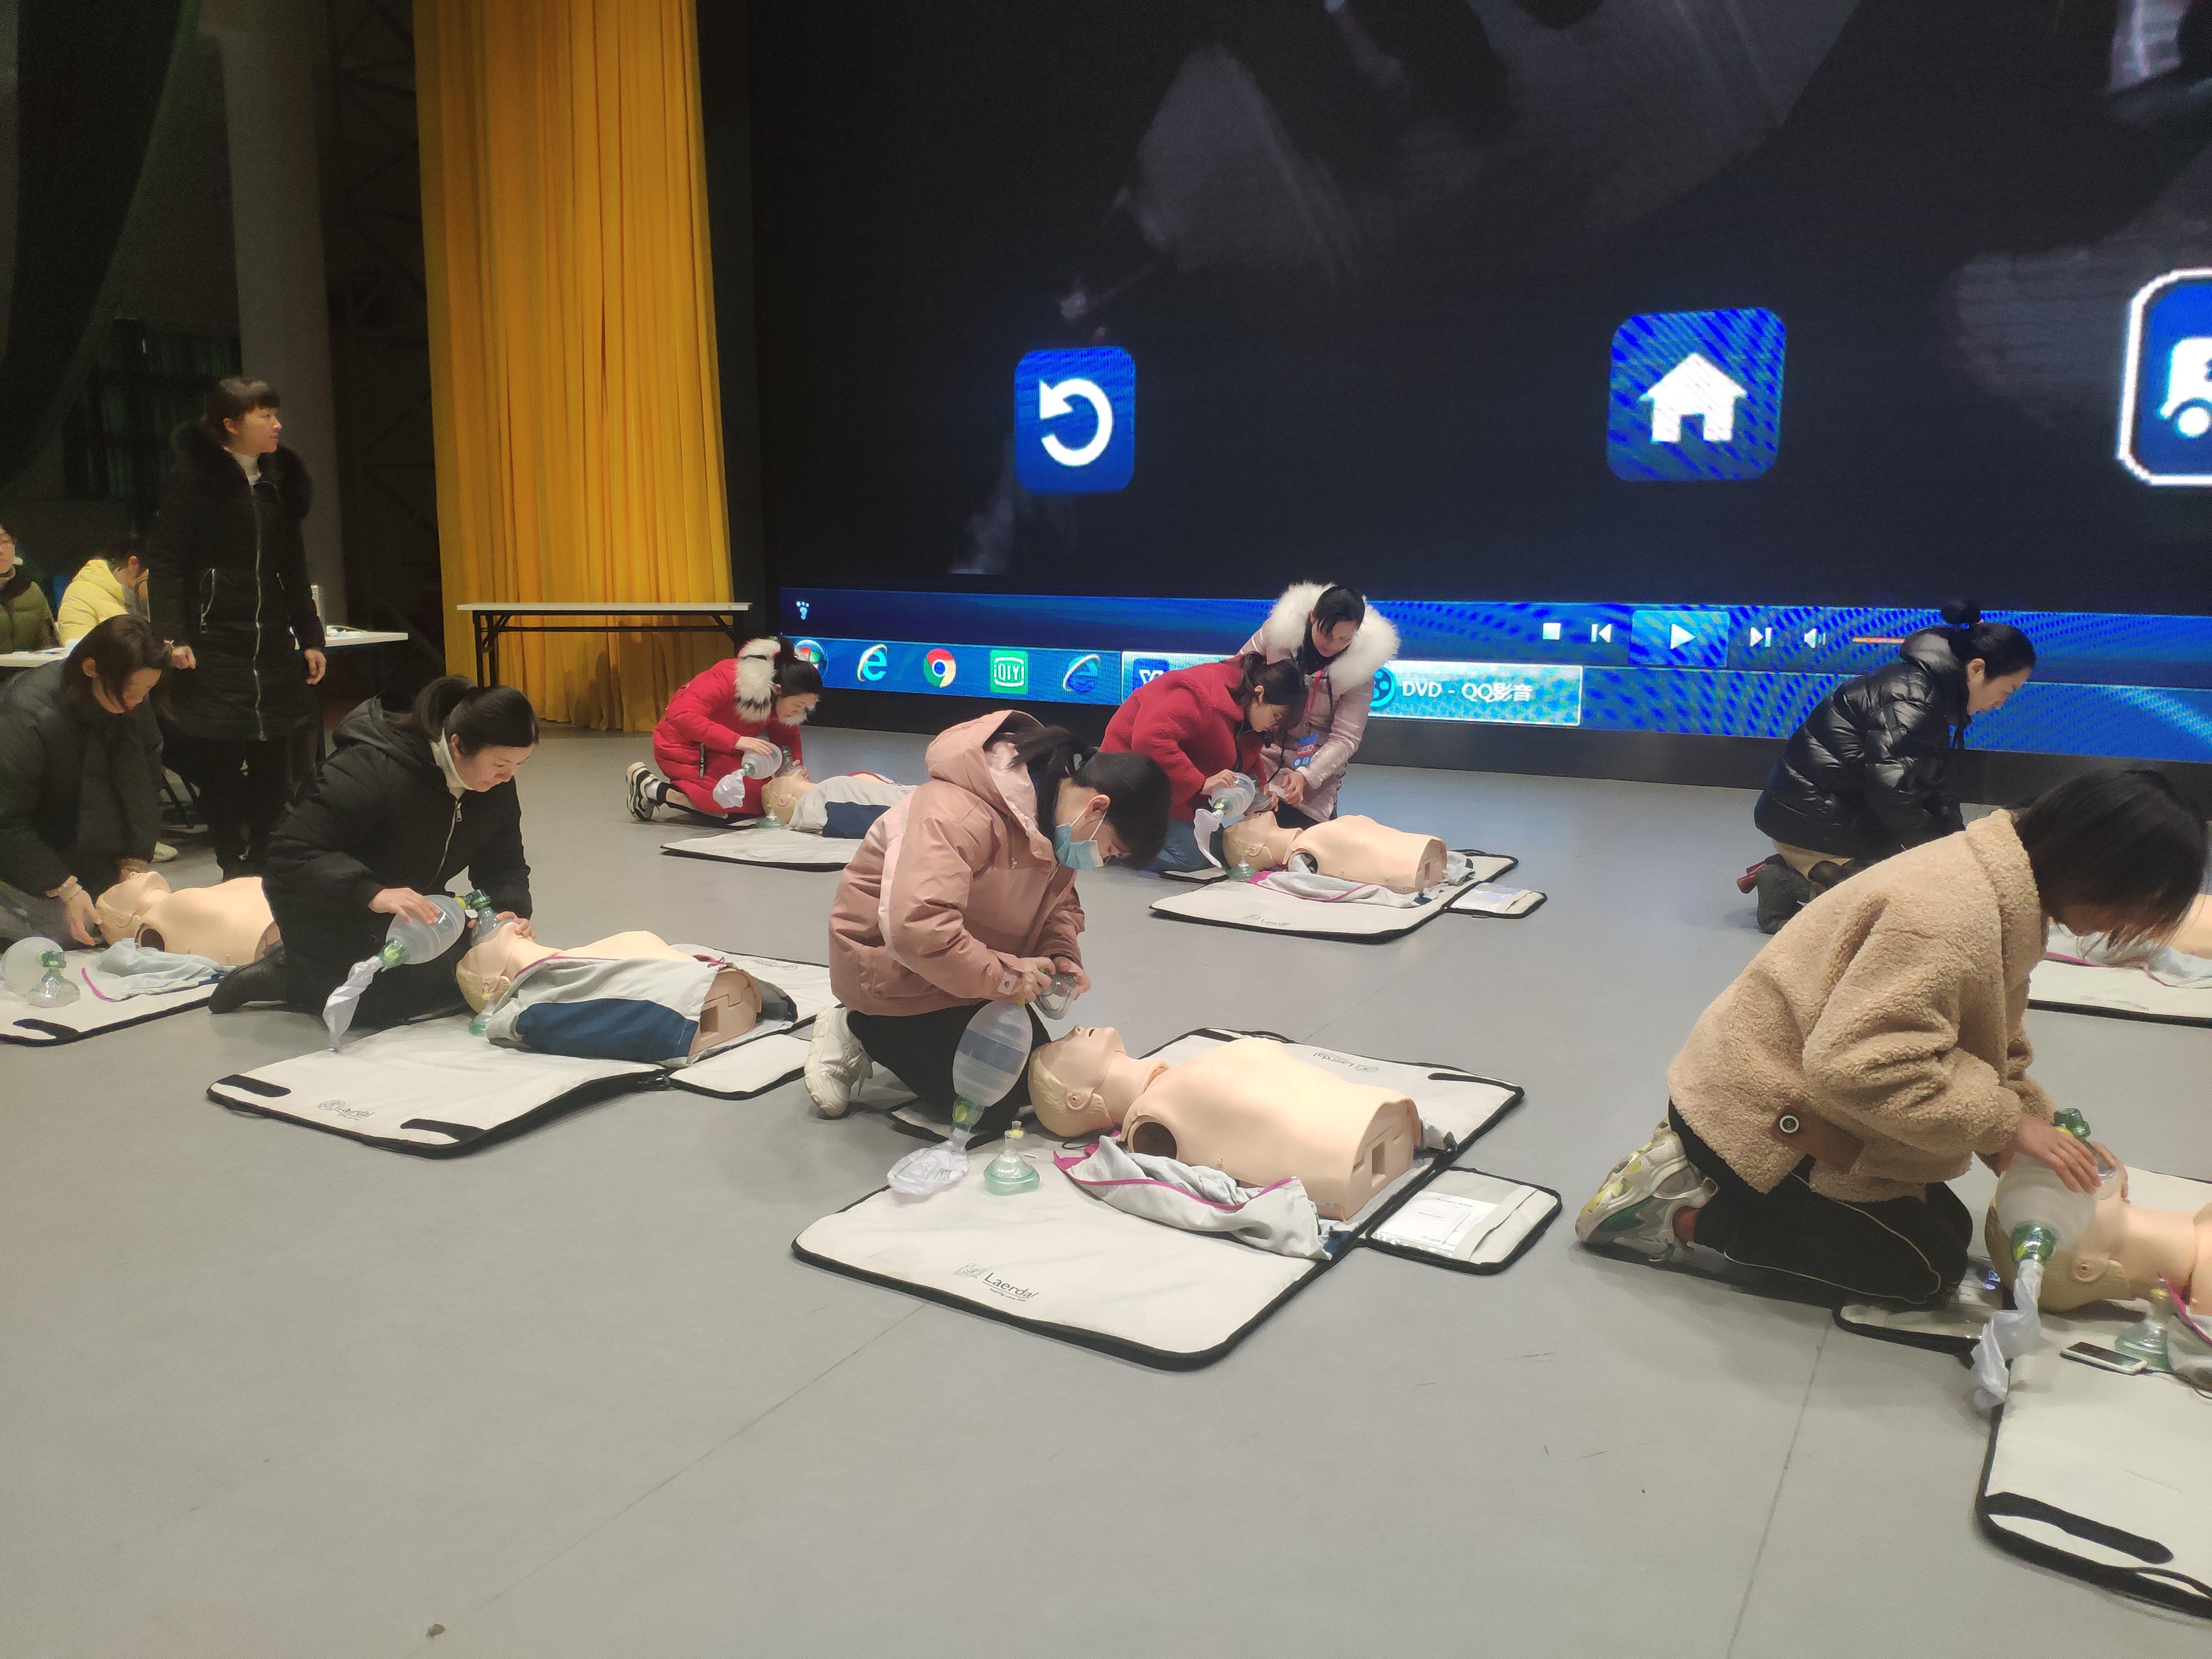 自治区南溪山医院成功举办美国心脏协会基础生命支持 BLS 国际认证培训班